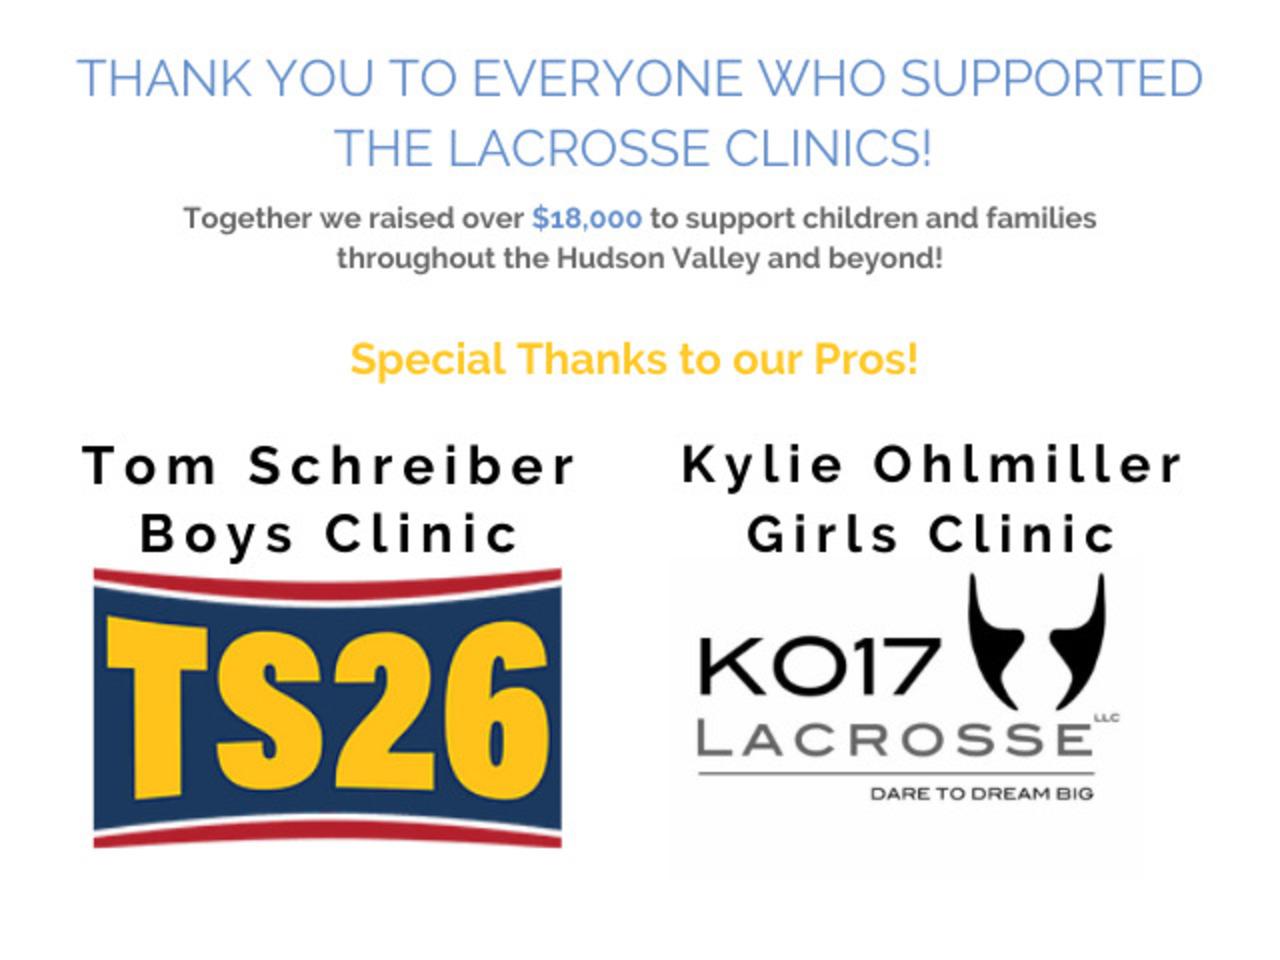 Lacrosse Clinics